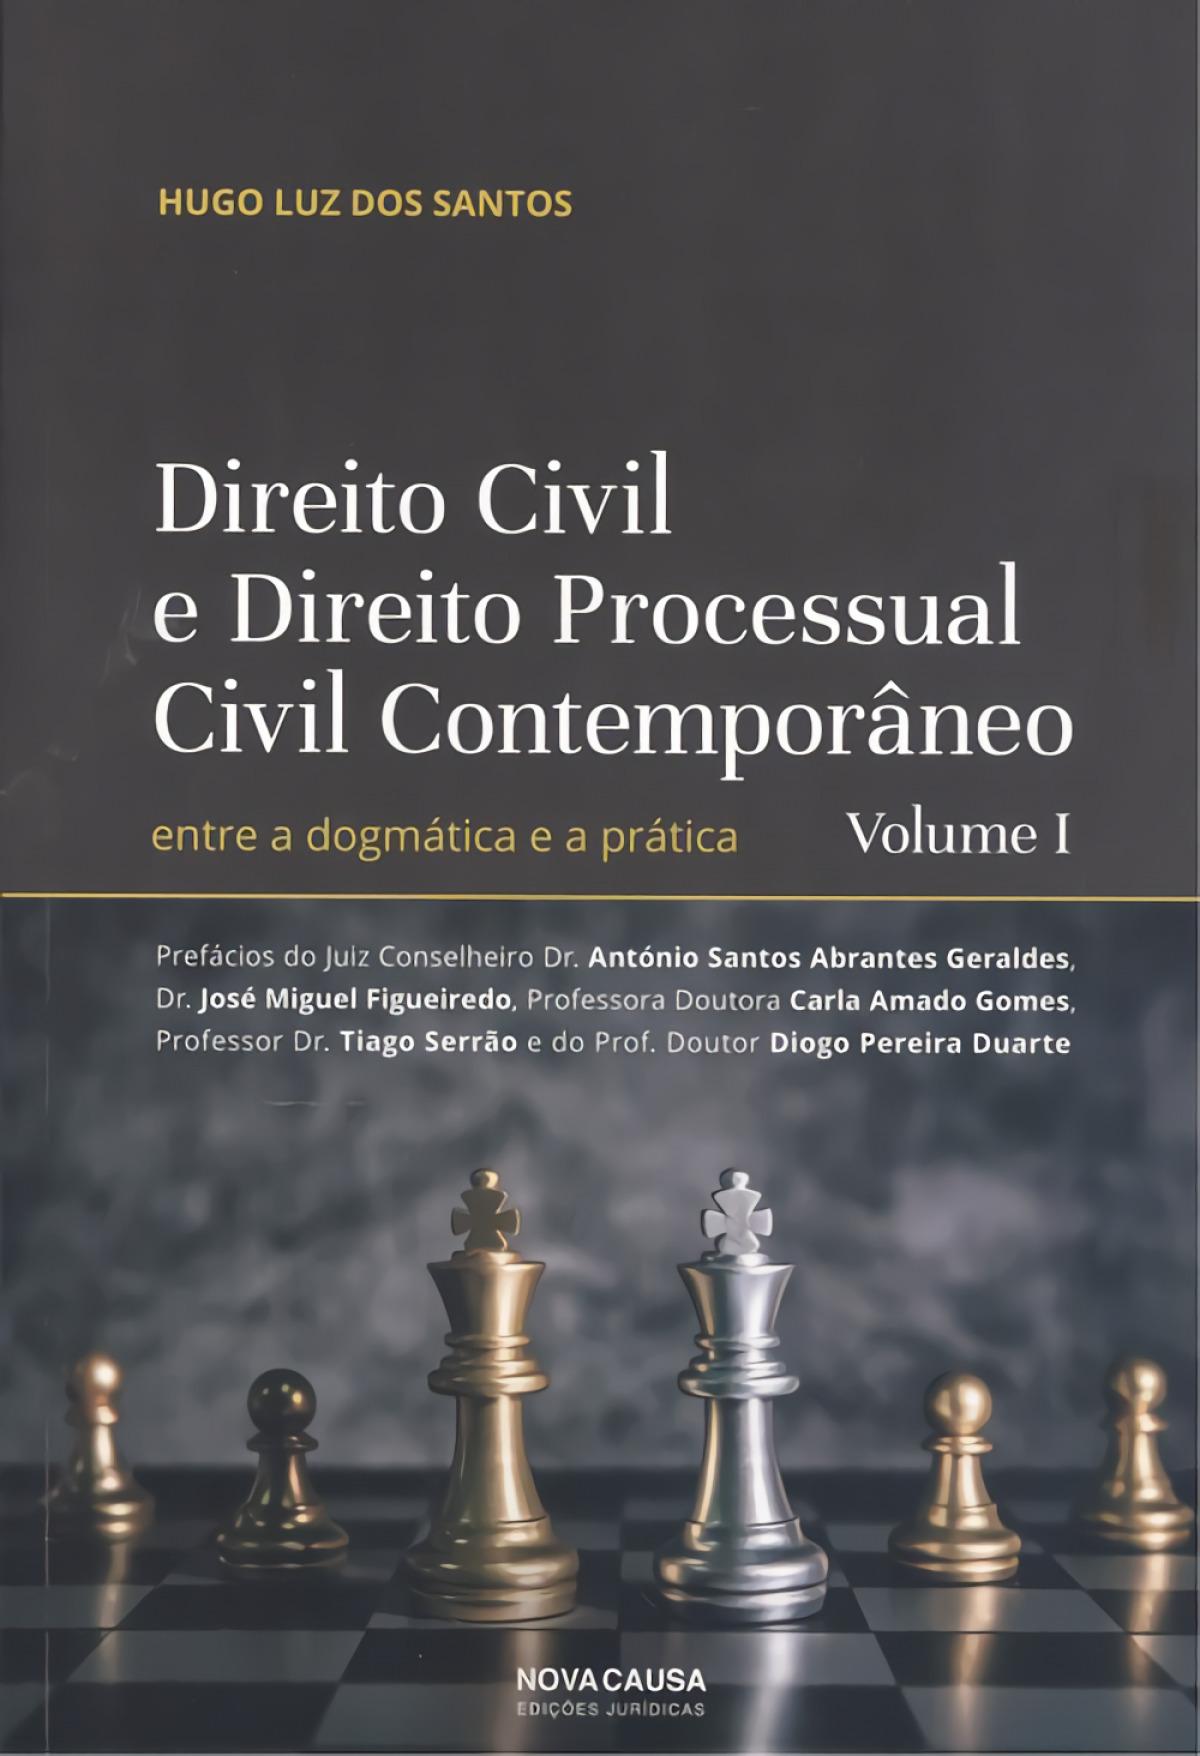 dereito civil e direito processual civil contemporaneo 9789899026025